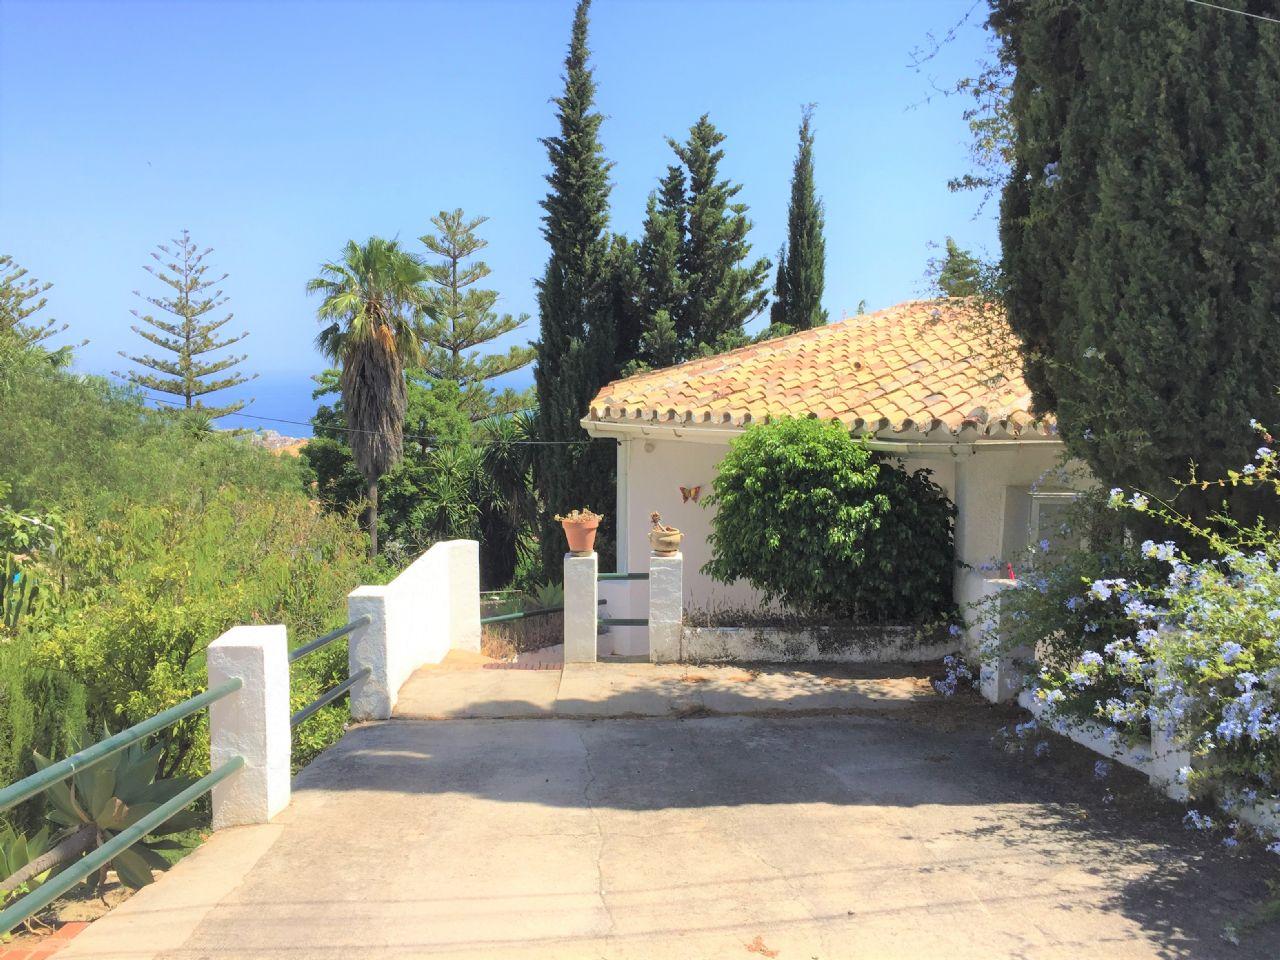 Villa in Benalmádena, Arroyo de la Miel, for sale